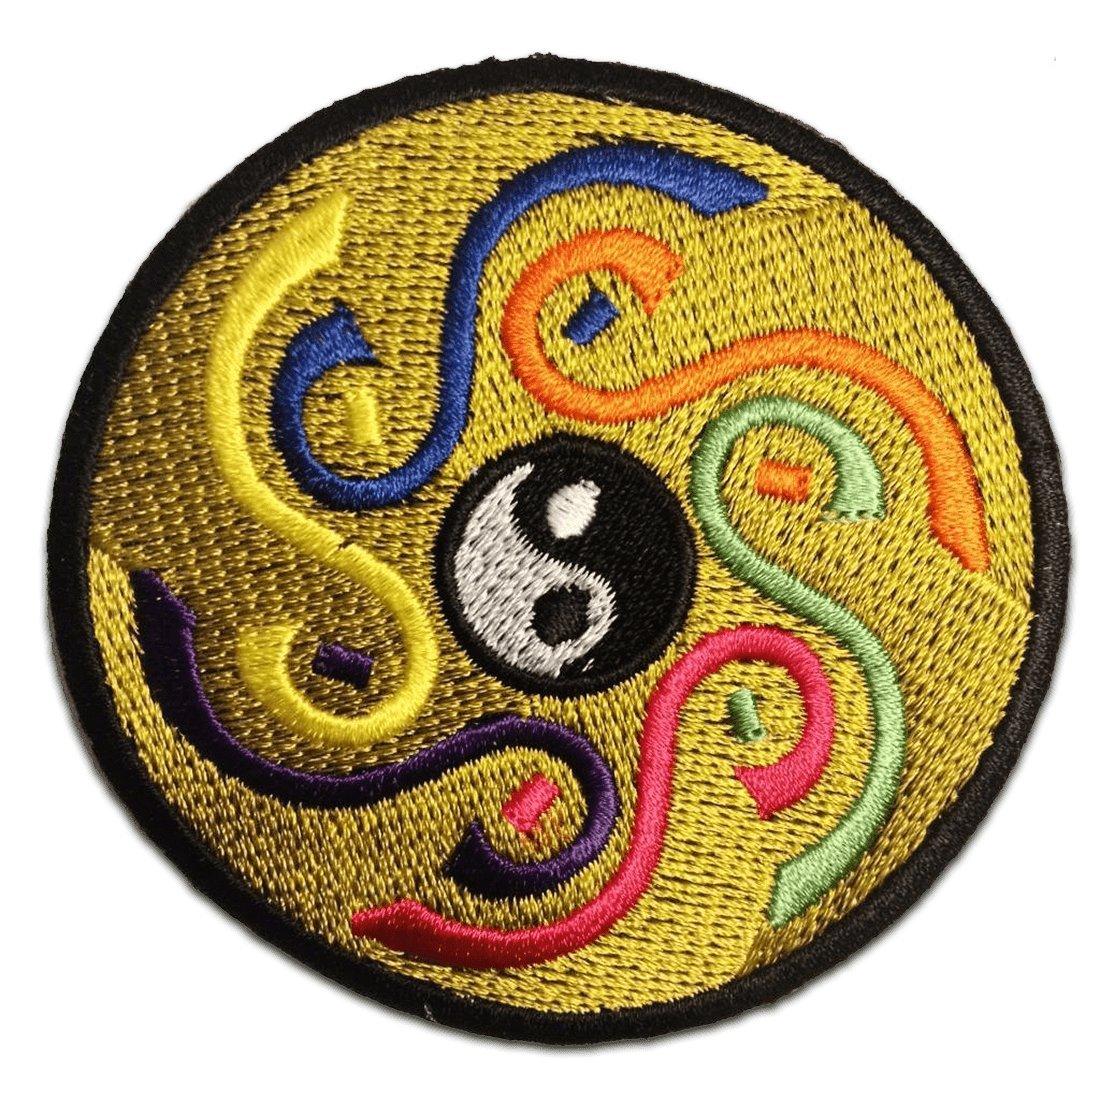 /Écusson brod/é Ecussons Imprim/és Ecussons Thermocollants Broderie Sur Vetement Ecusson Hippie Yoga Om Yin Yang Symbol Spirituel M/éditation Hindoue Inner peace Patch  7,7 x 7,7 cm